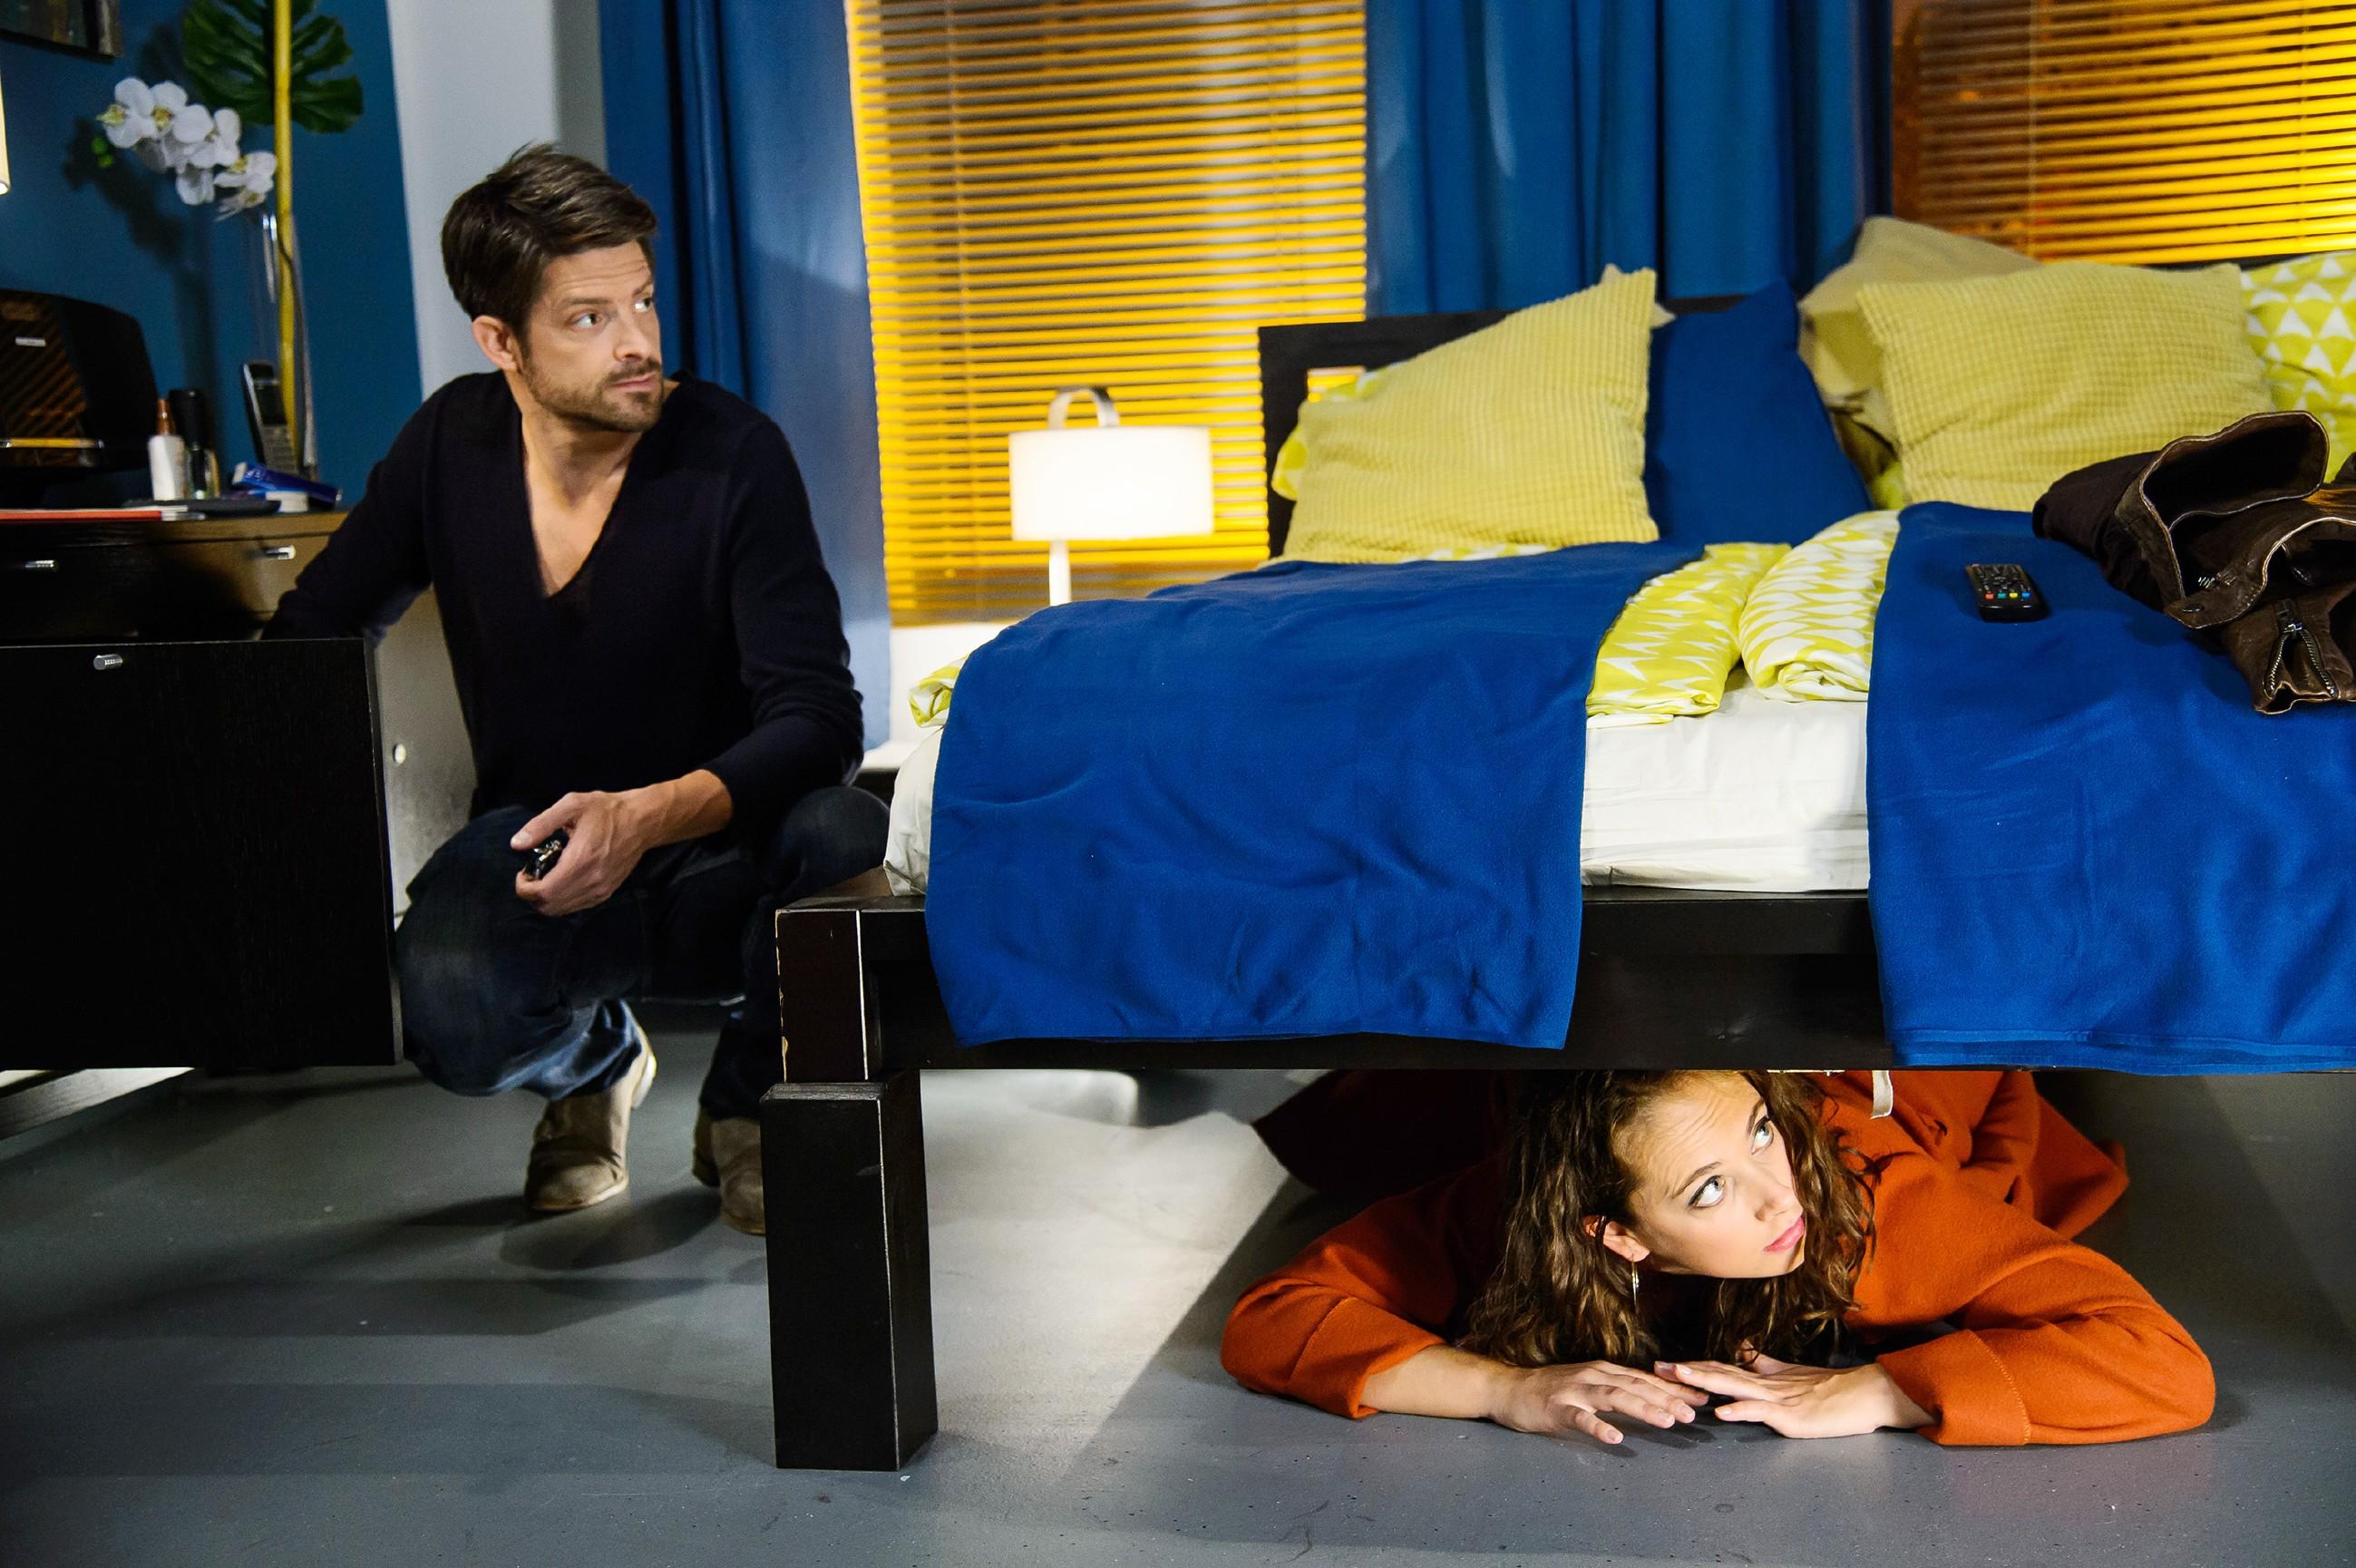 Carmen (Heike Warmuth) bringt sich in eine ausweglose Situation, als sie von Vincent (Daniel Buder) beim Schnüffeln in seinem Hotelzimmer überrascht wird... (Quelle: RTL / Willi Weber)